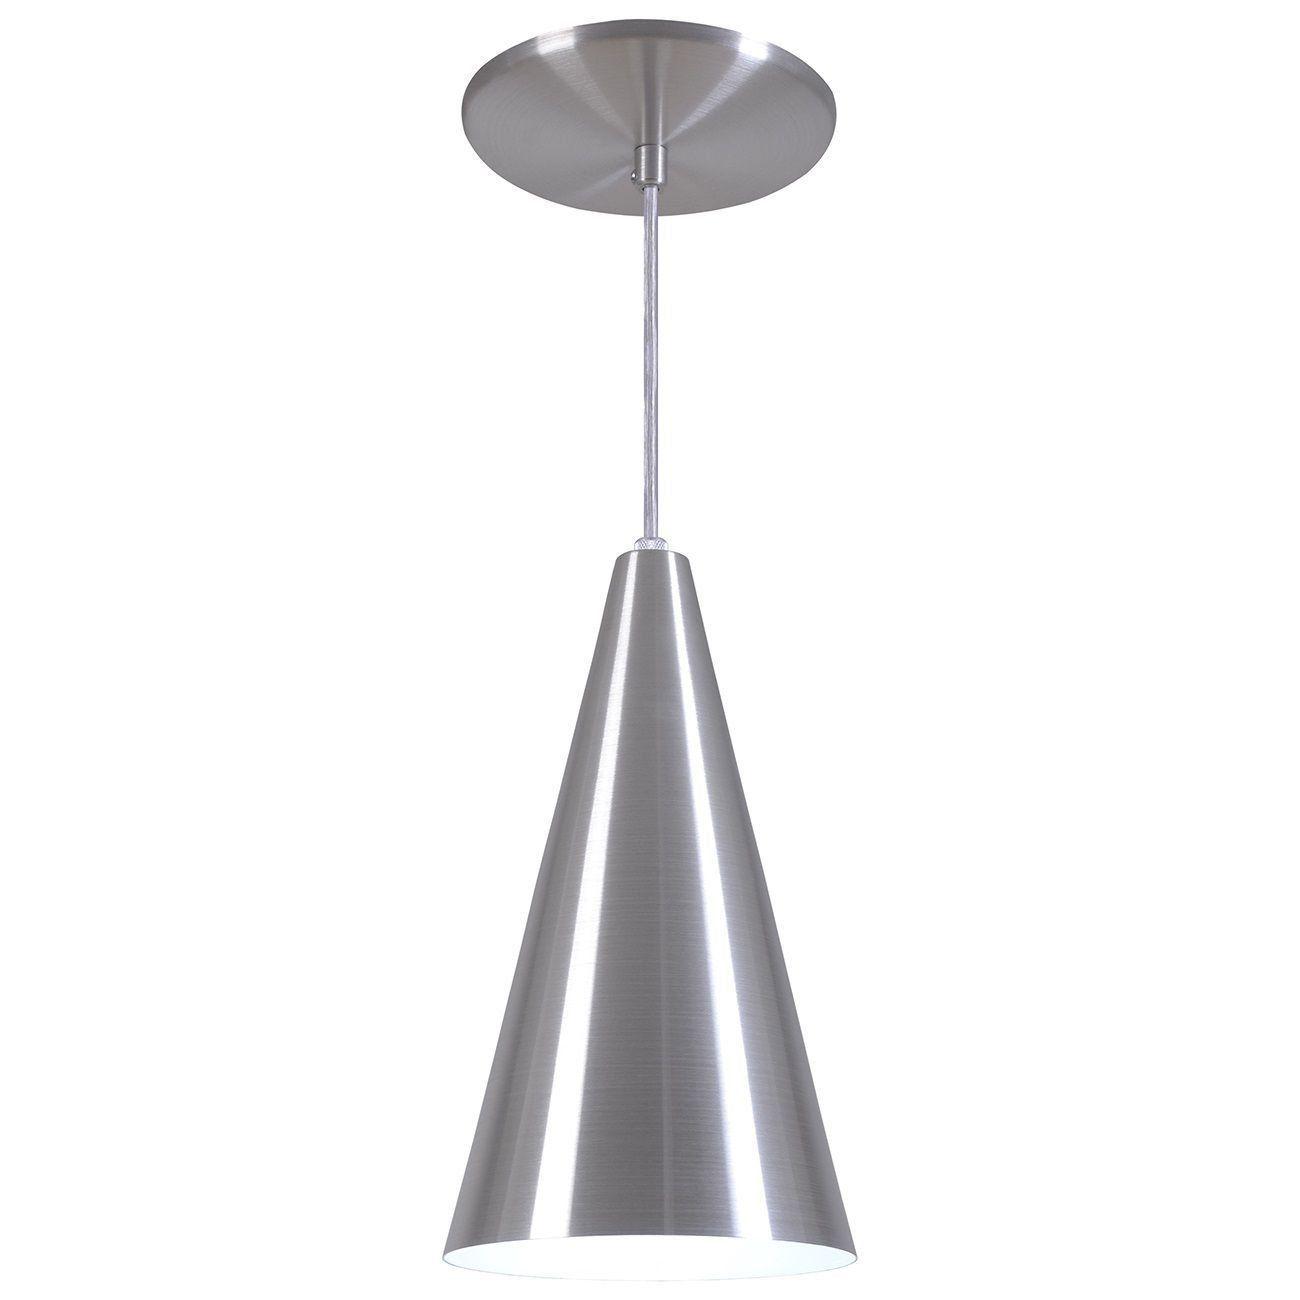 Pendente Cone Luminária Lustre Alumínio Escovado - Rei Da Iluminação